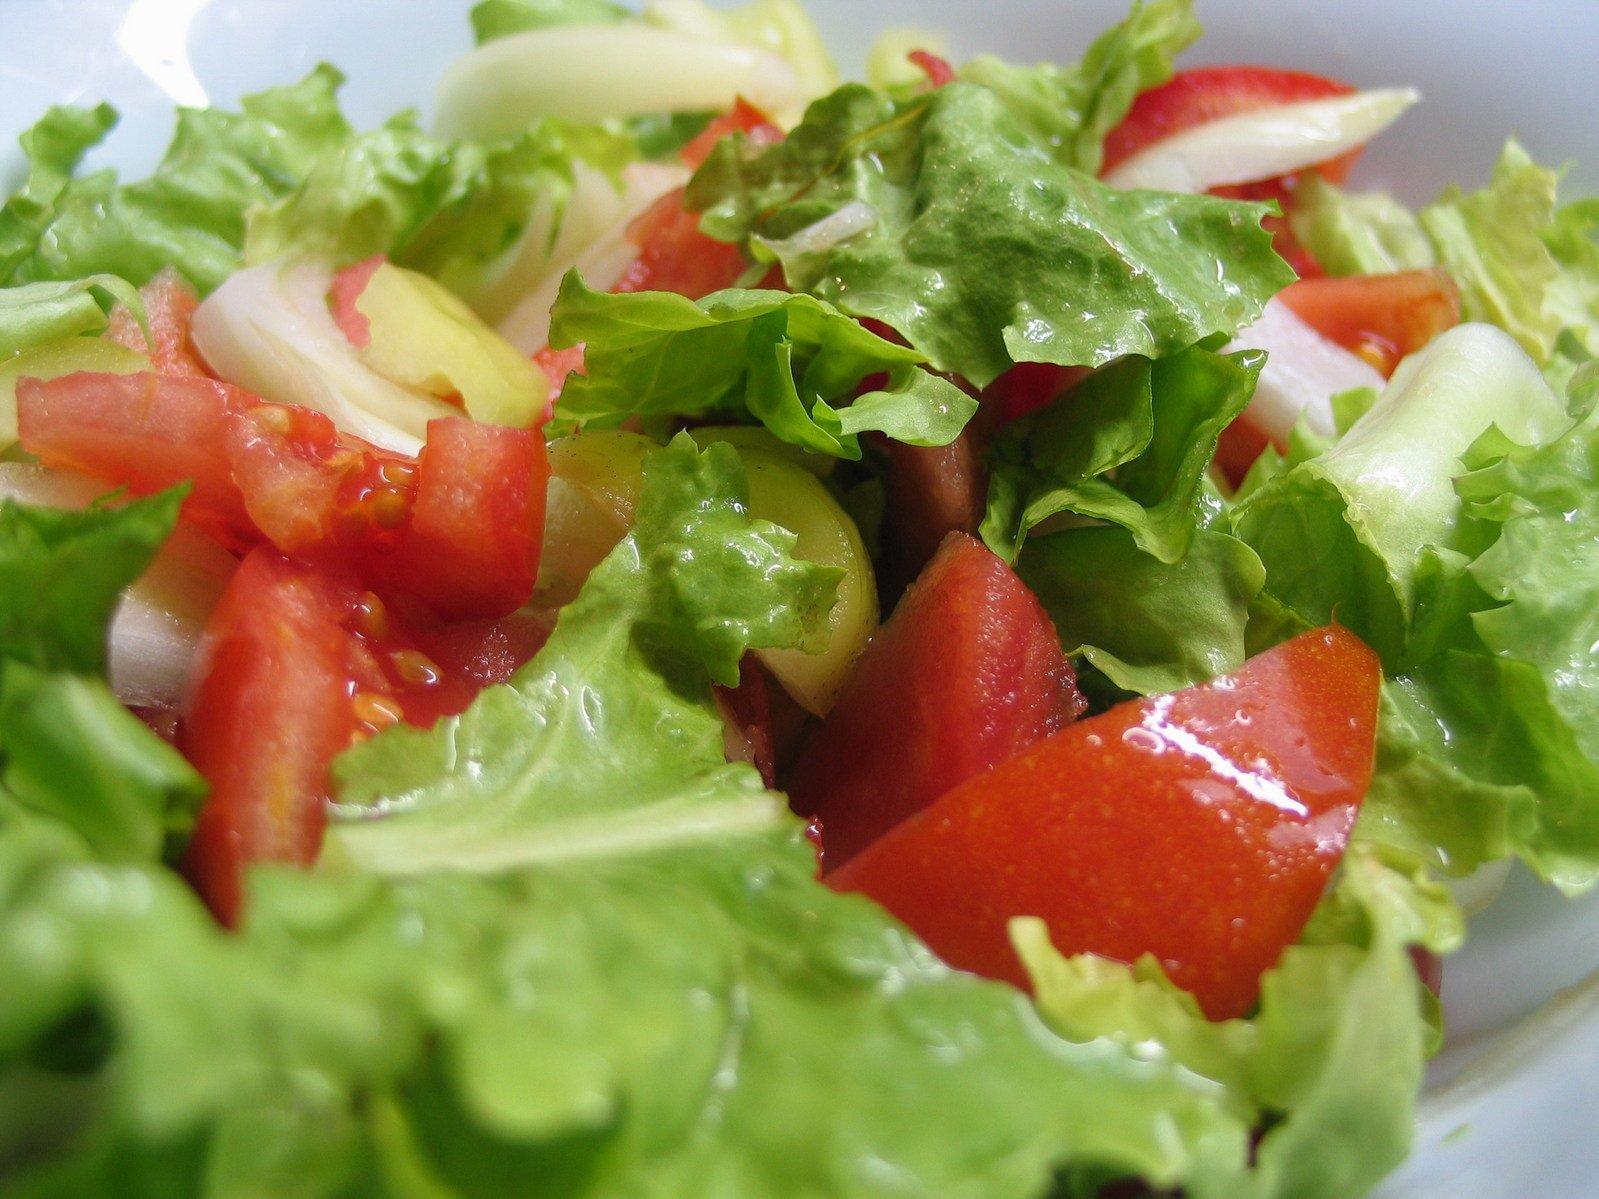 Mat påverkar välbefinnande och hälsa